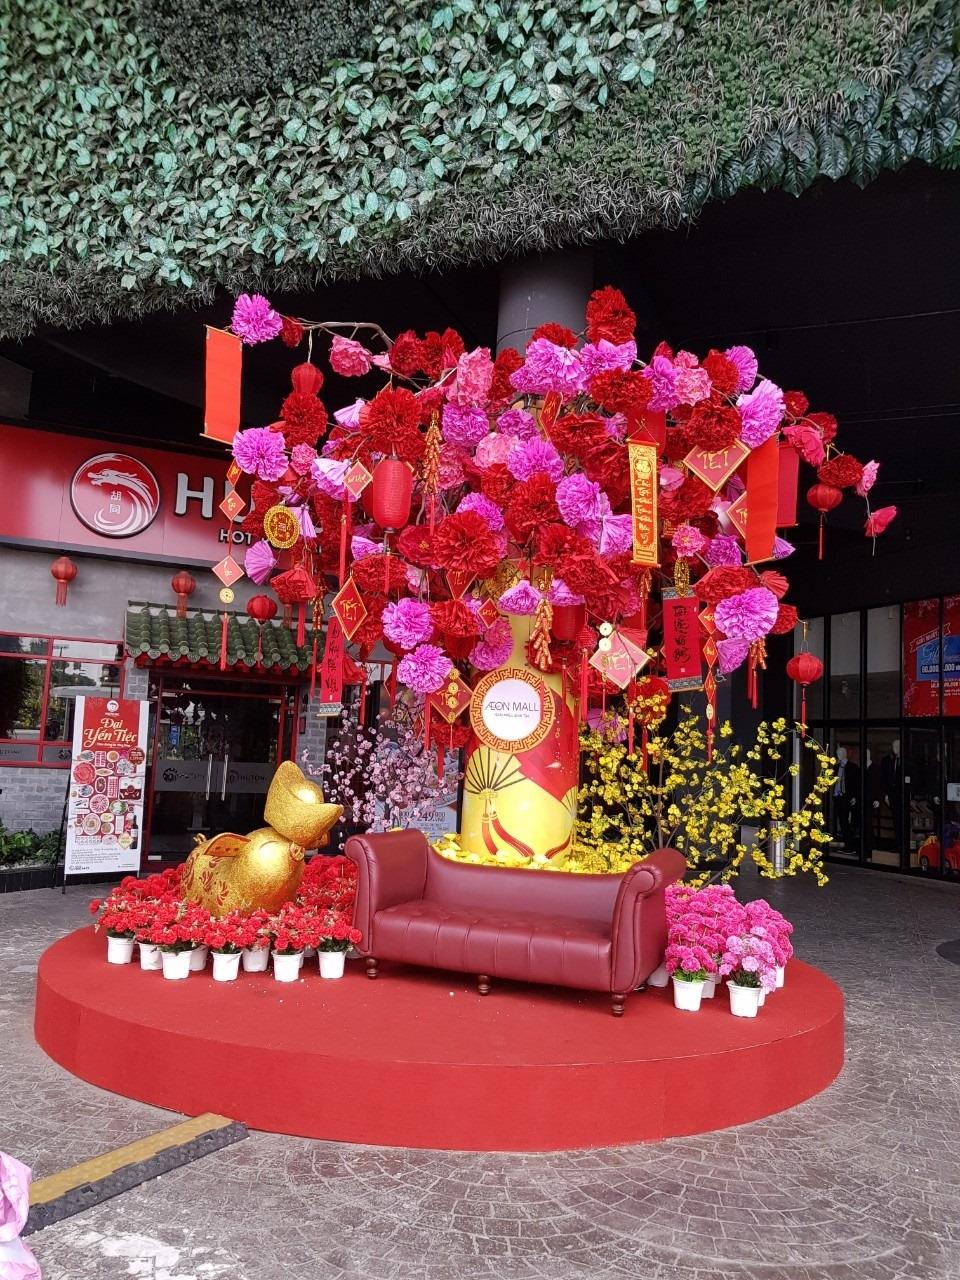 Toàn quốc - Gian Hàng Hội Chợ Xuân Cho Tết Nguyên Đán 2021 Gian-hang-hoi-cho-xuan-cho-tet-nguyen-dan-2021-kkla8